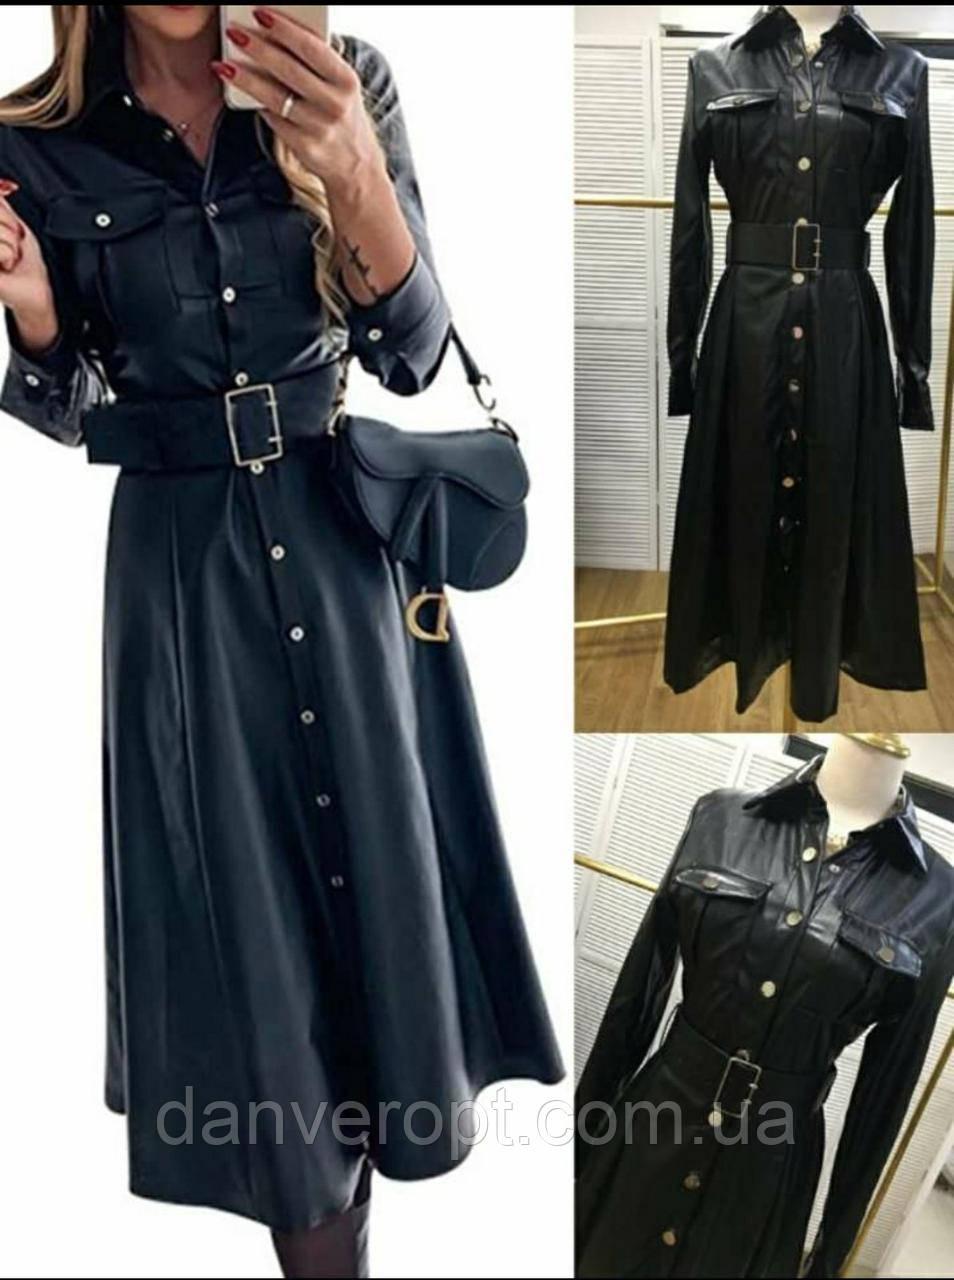 Платье-рубашка женское стильное эко кожа размер S-L купить оптом со склада 7км Одесса